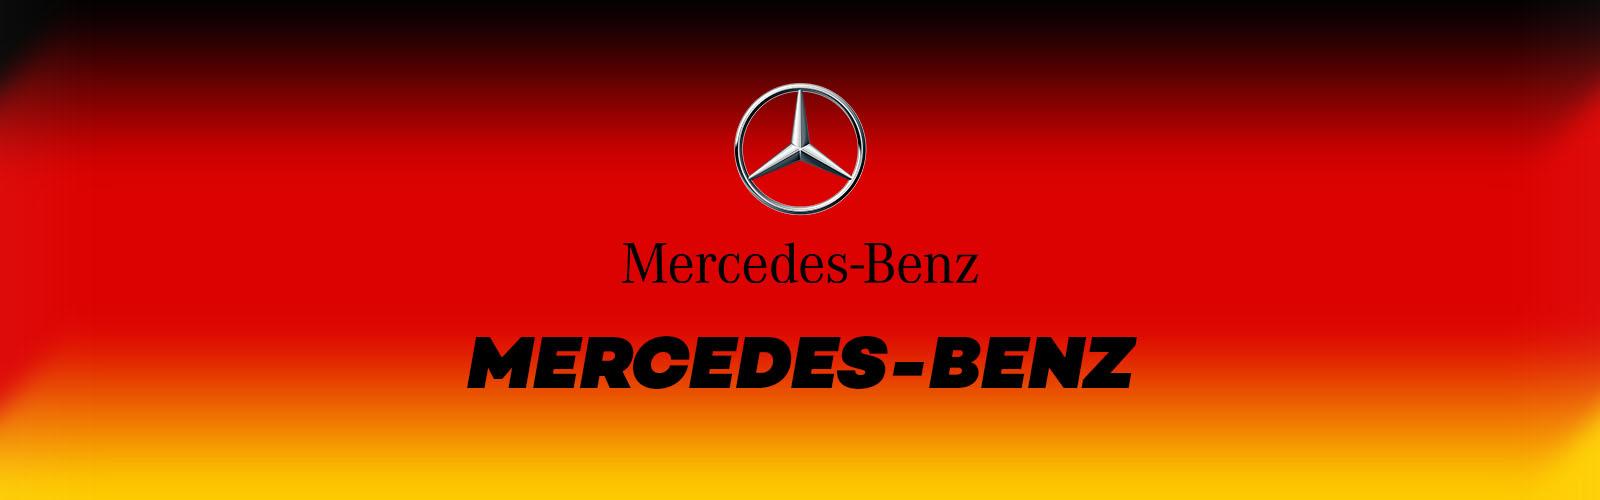 mercedes-benz logo marque